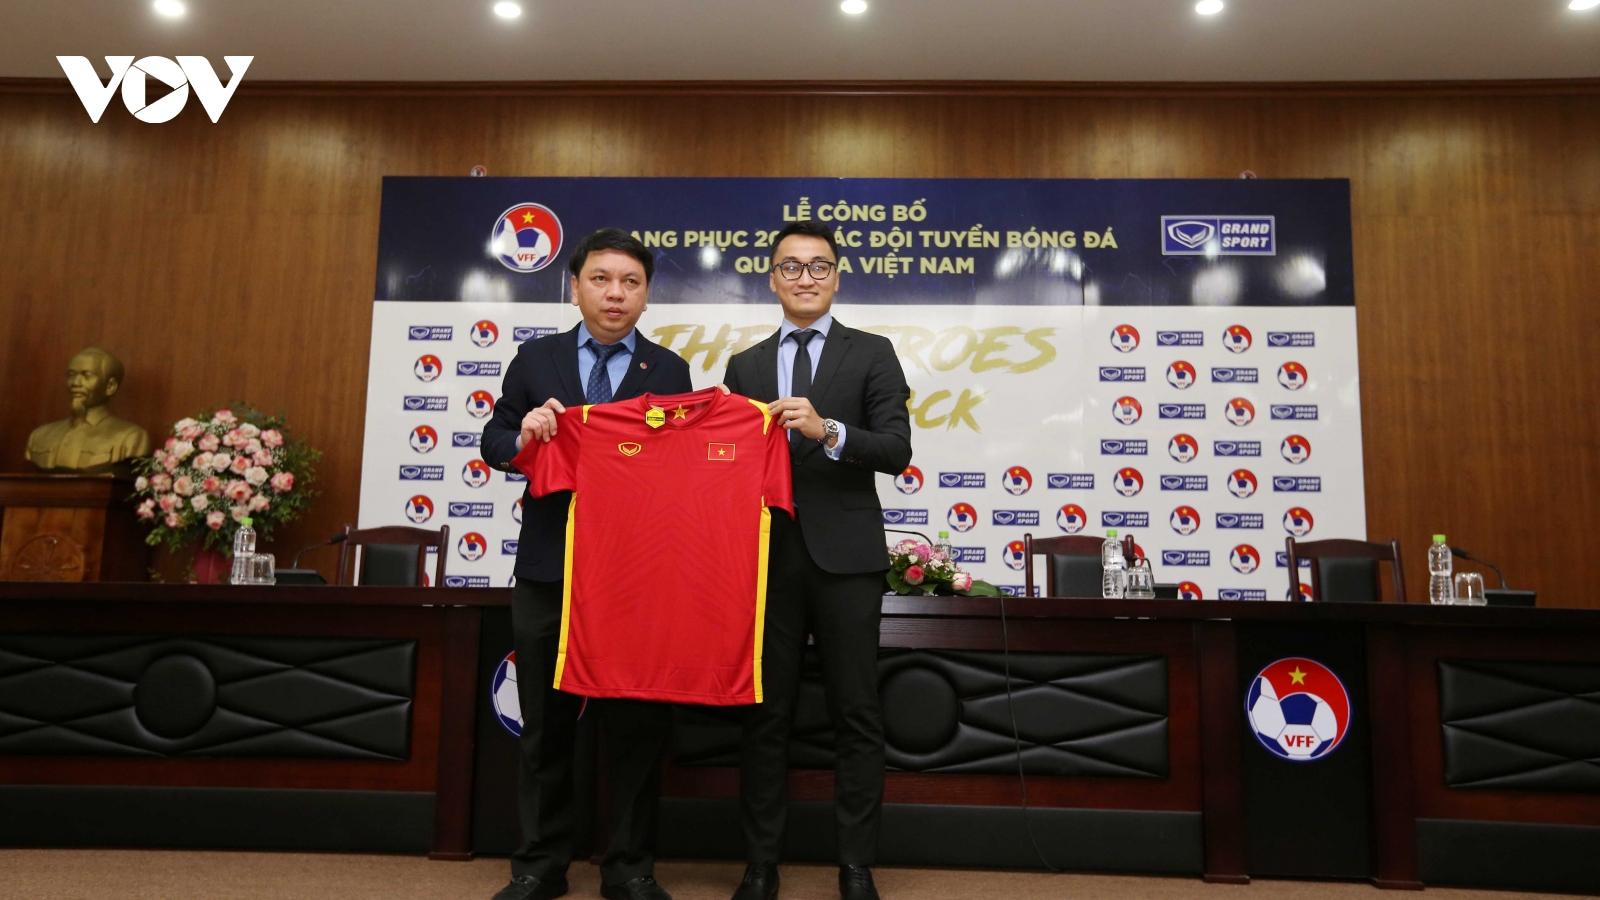 Thương hiệu ĐT Việt Nam được kỳ vọng lan tỏa mạnh mẽ với mẫu áo đấu mới năm 2021